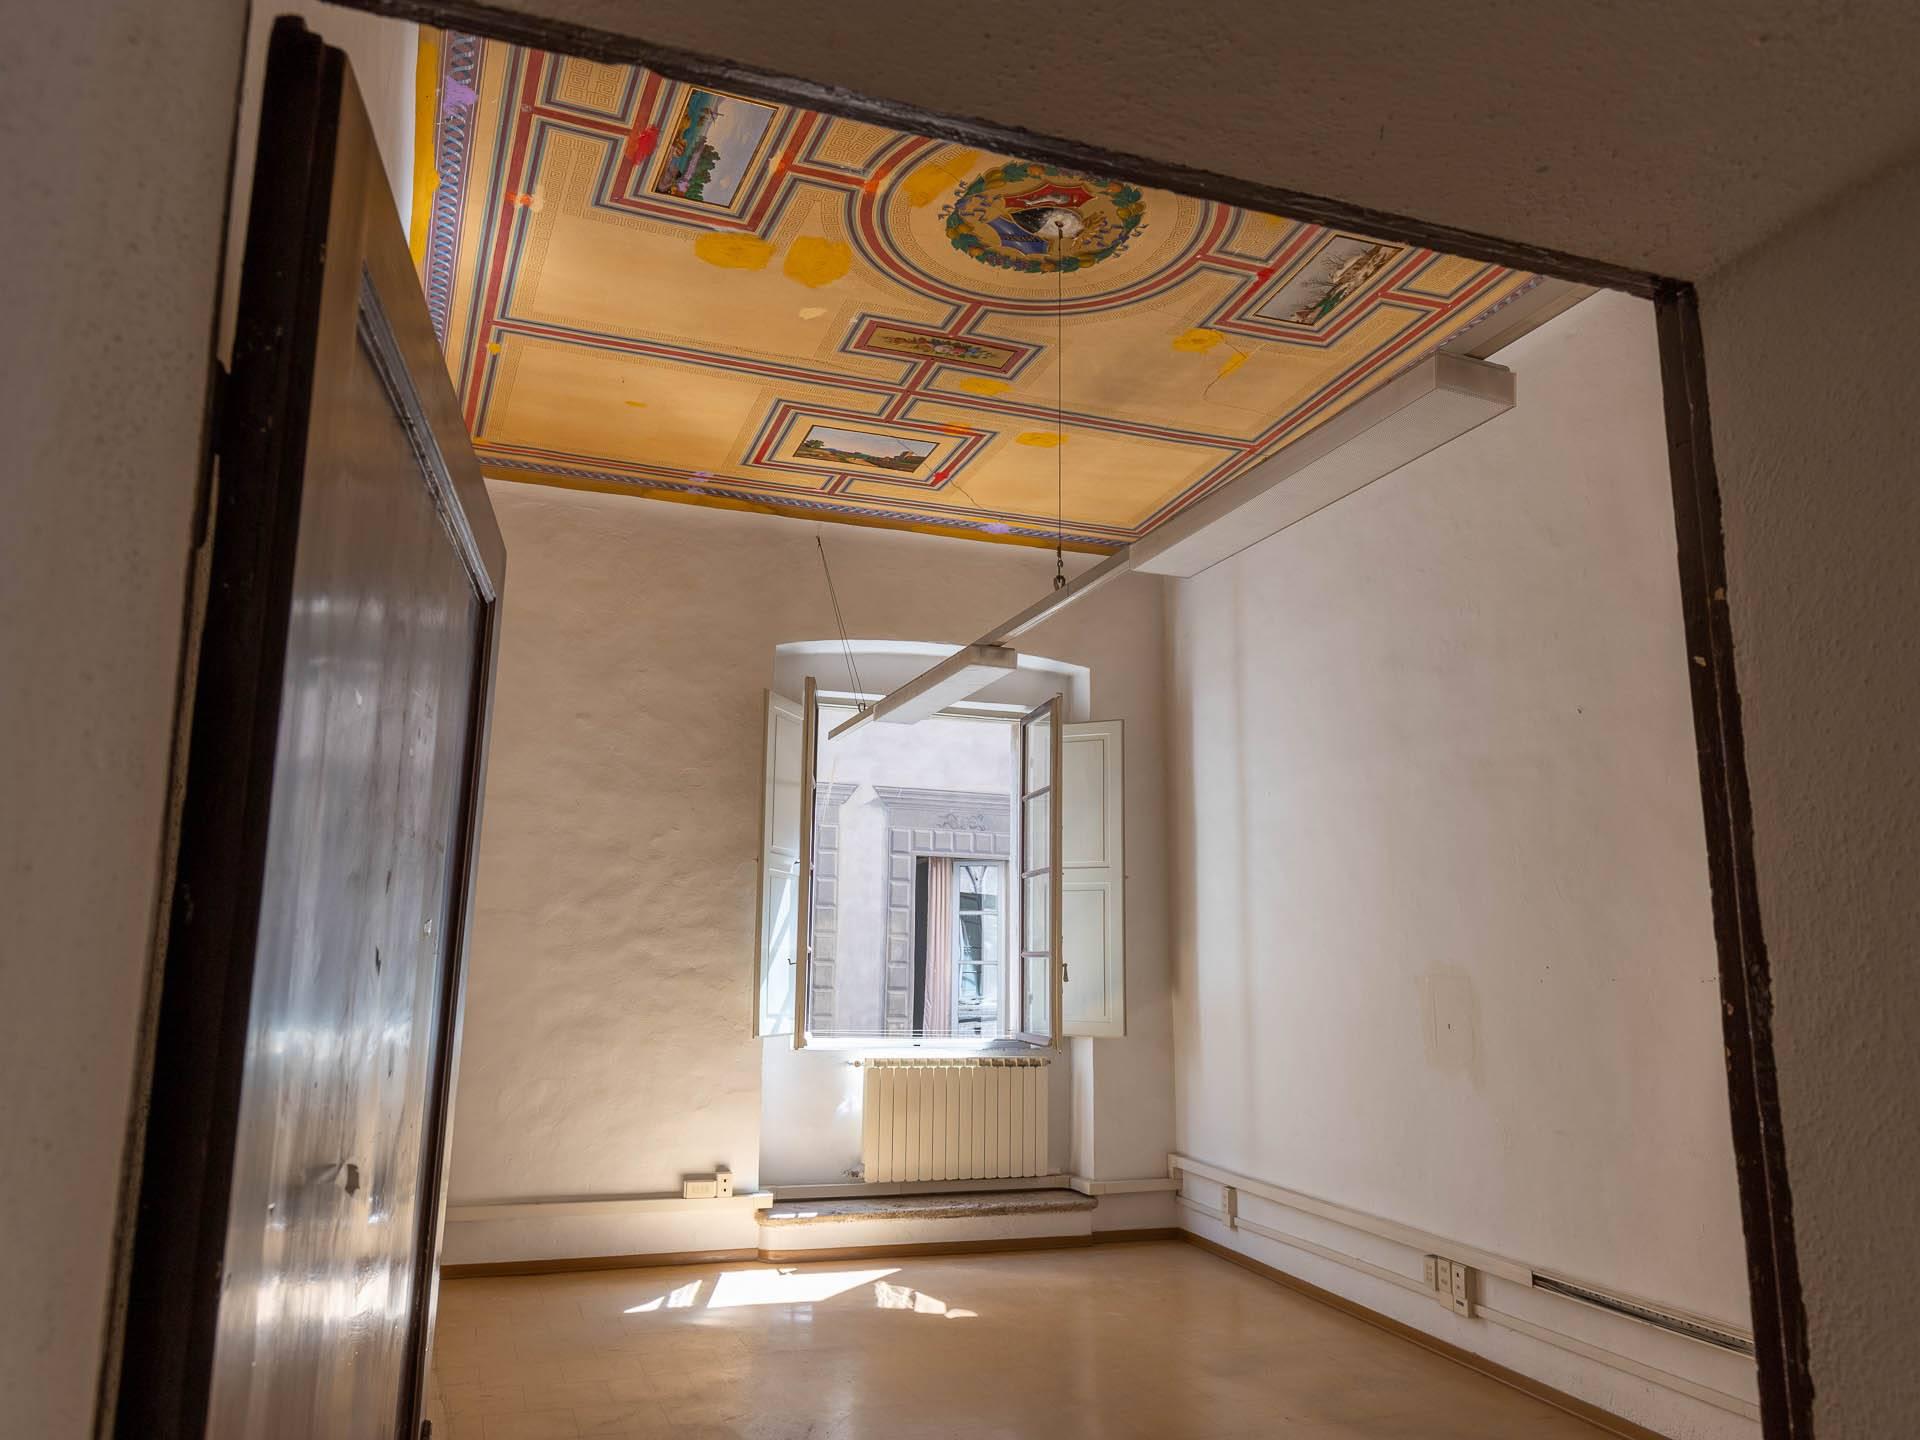 vano con soffitto decorato